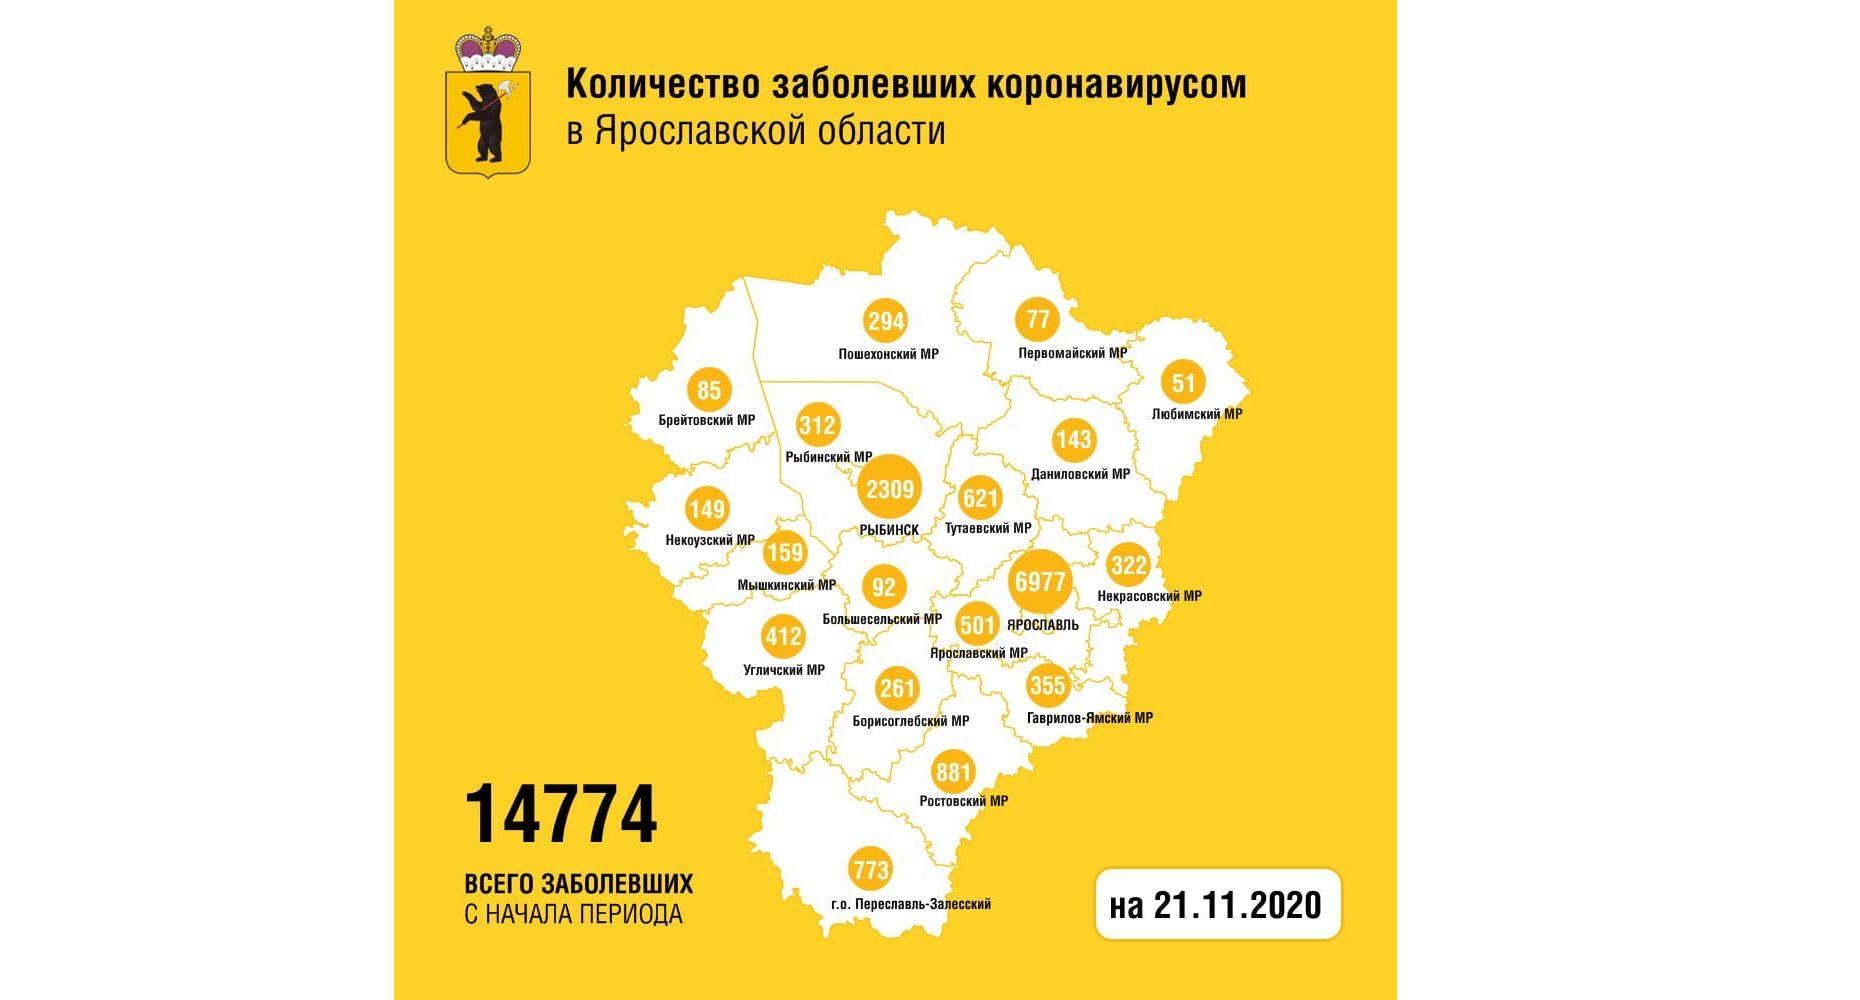 В Ярославской области еще 321 человека вылечили от коронавируса